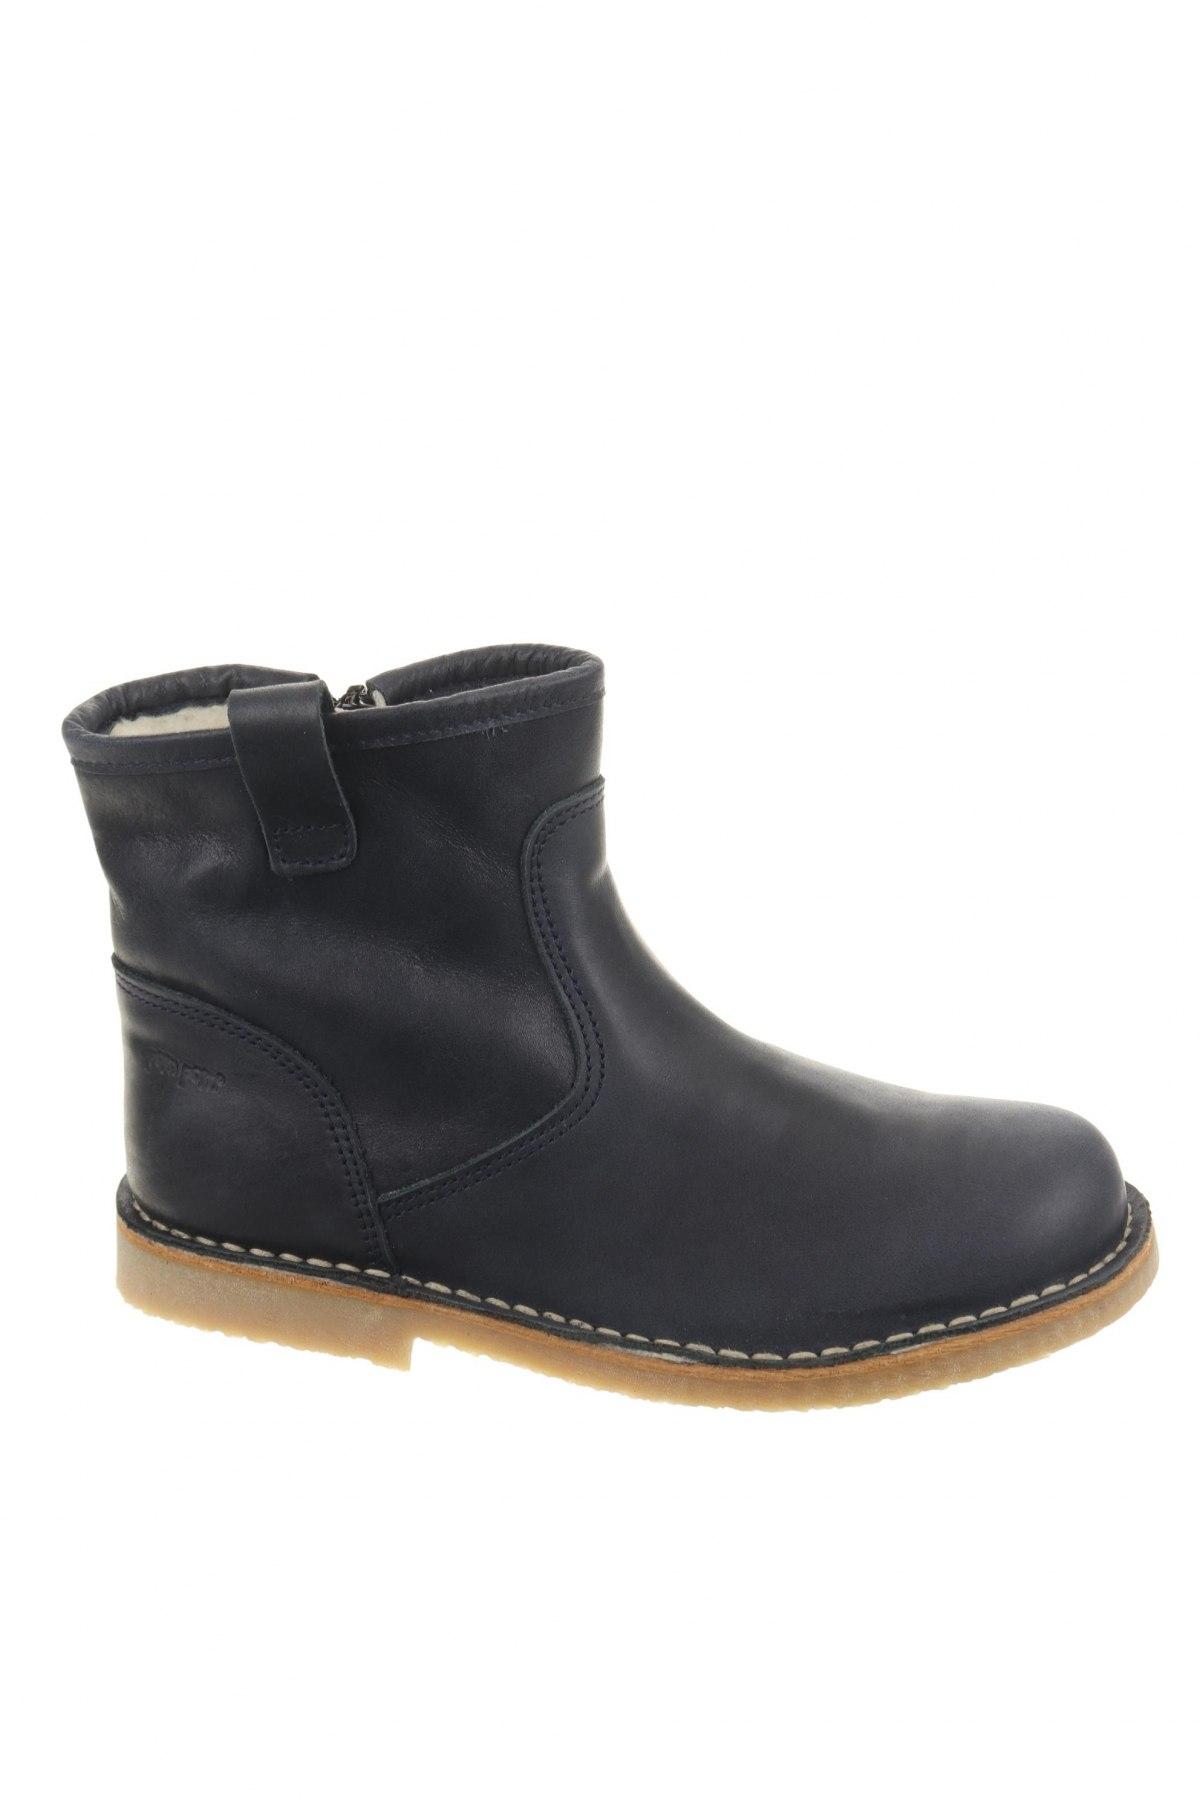 Παιδικά παπούτσια Pom Pom, Μέγεθος 33, Χρώμα Μπλέ, Γνήσιο δέρμα, Τιμή 38,64€